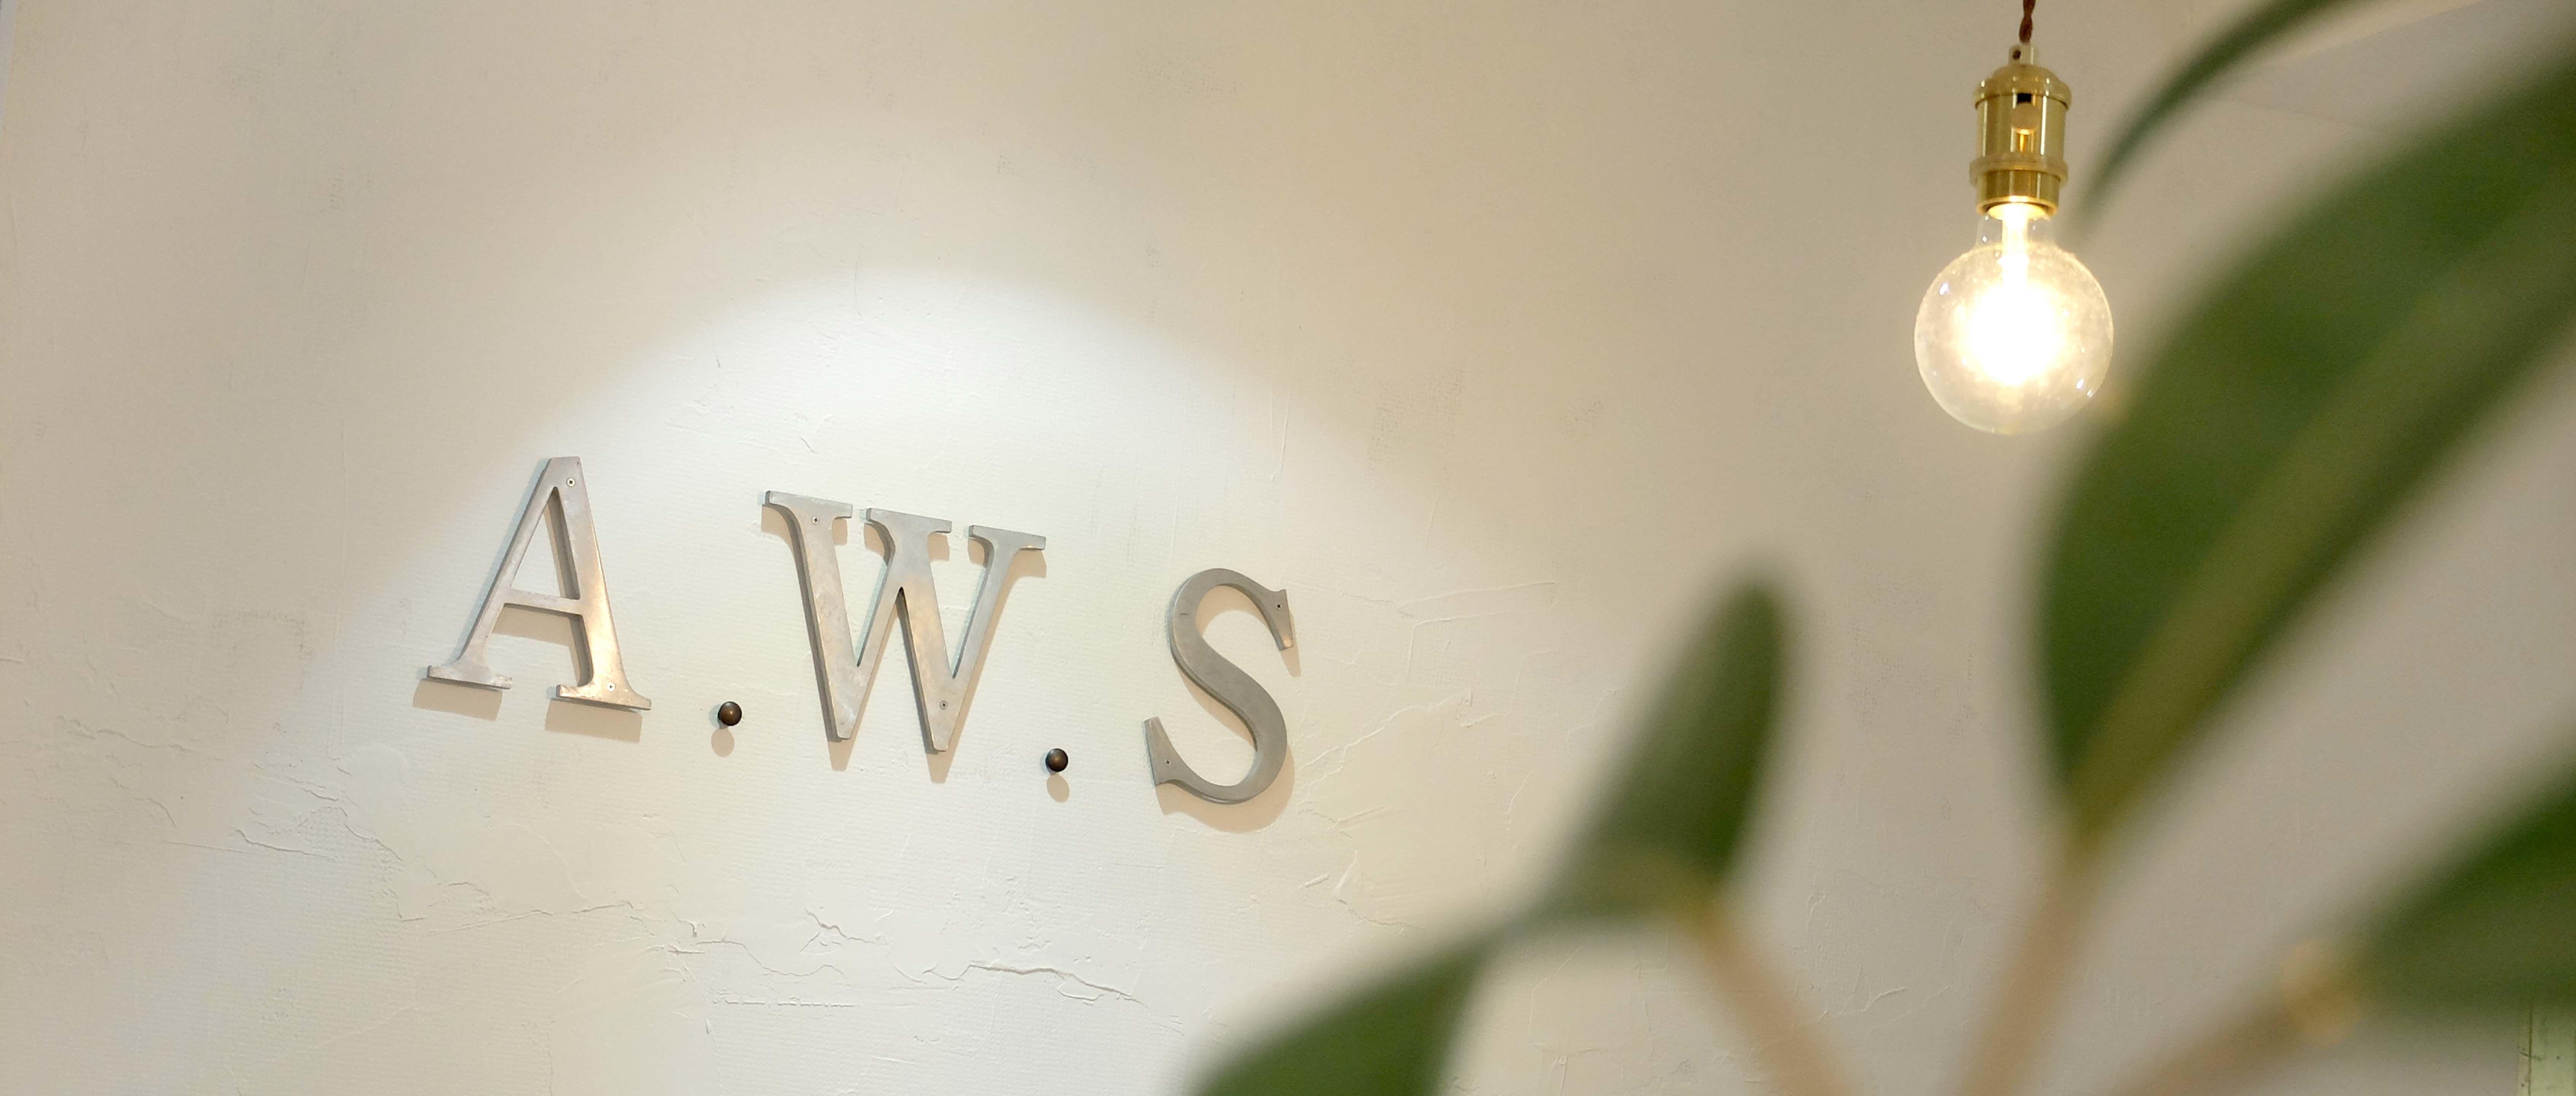 こんにちは、a.w.sです!